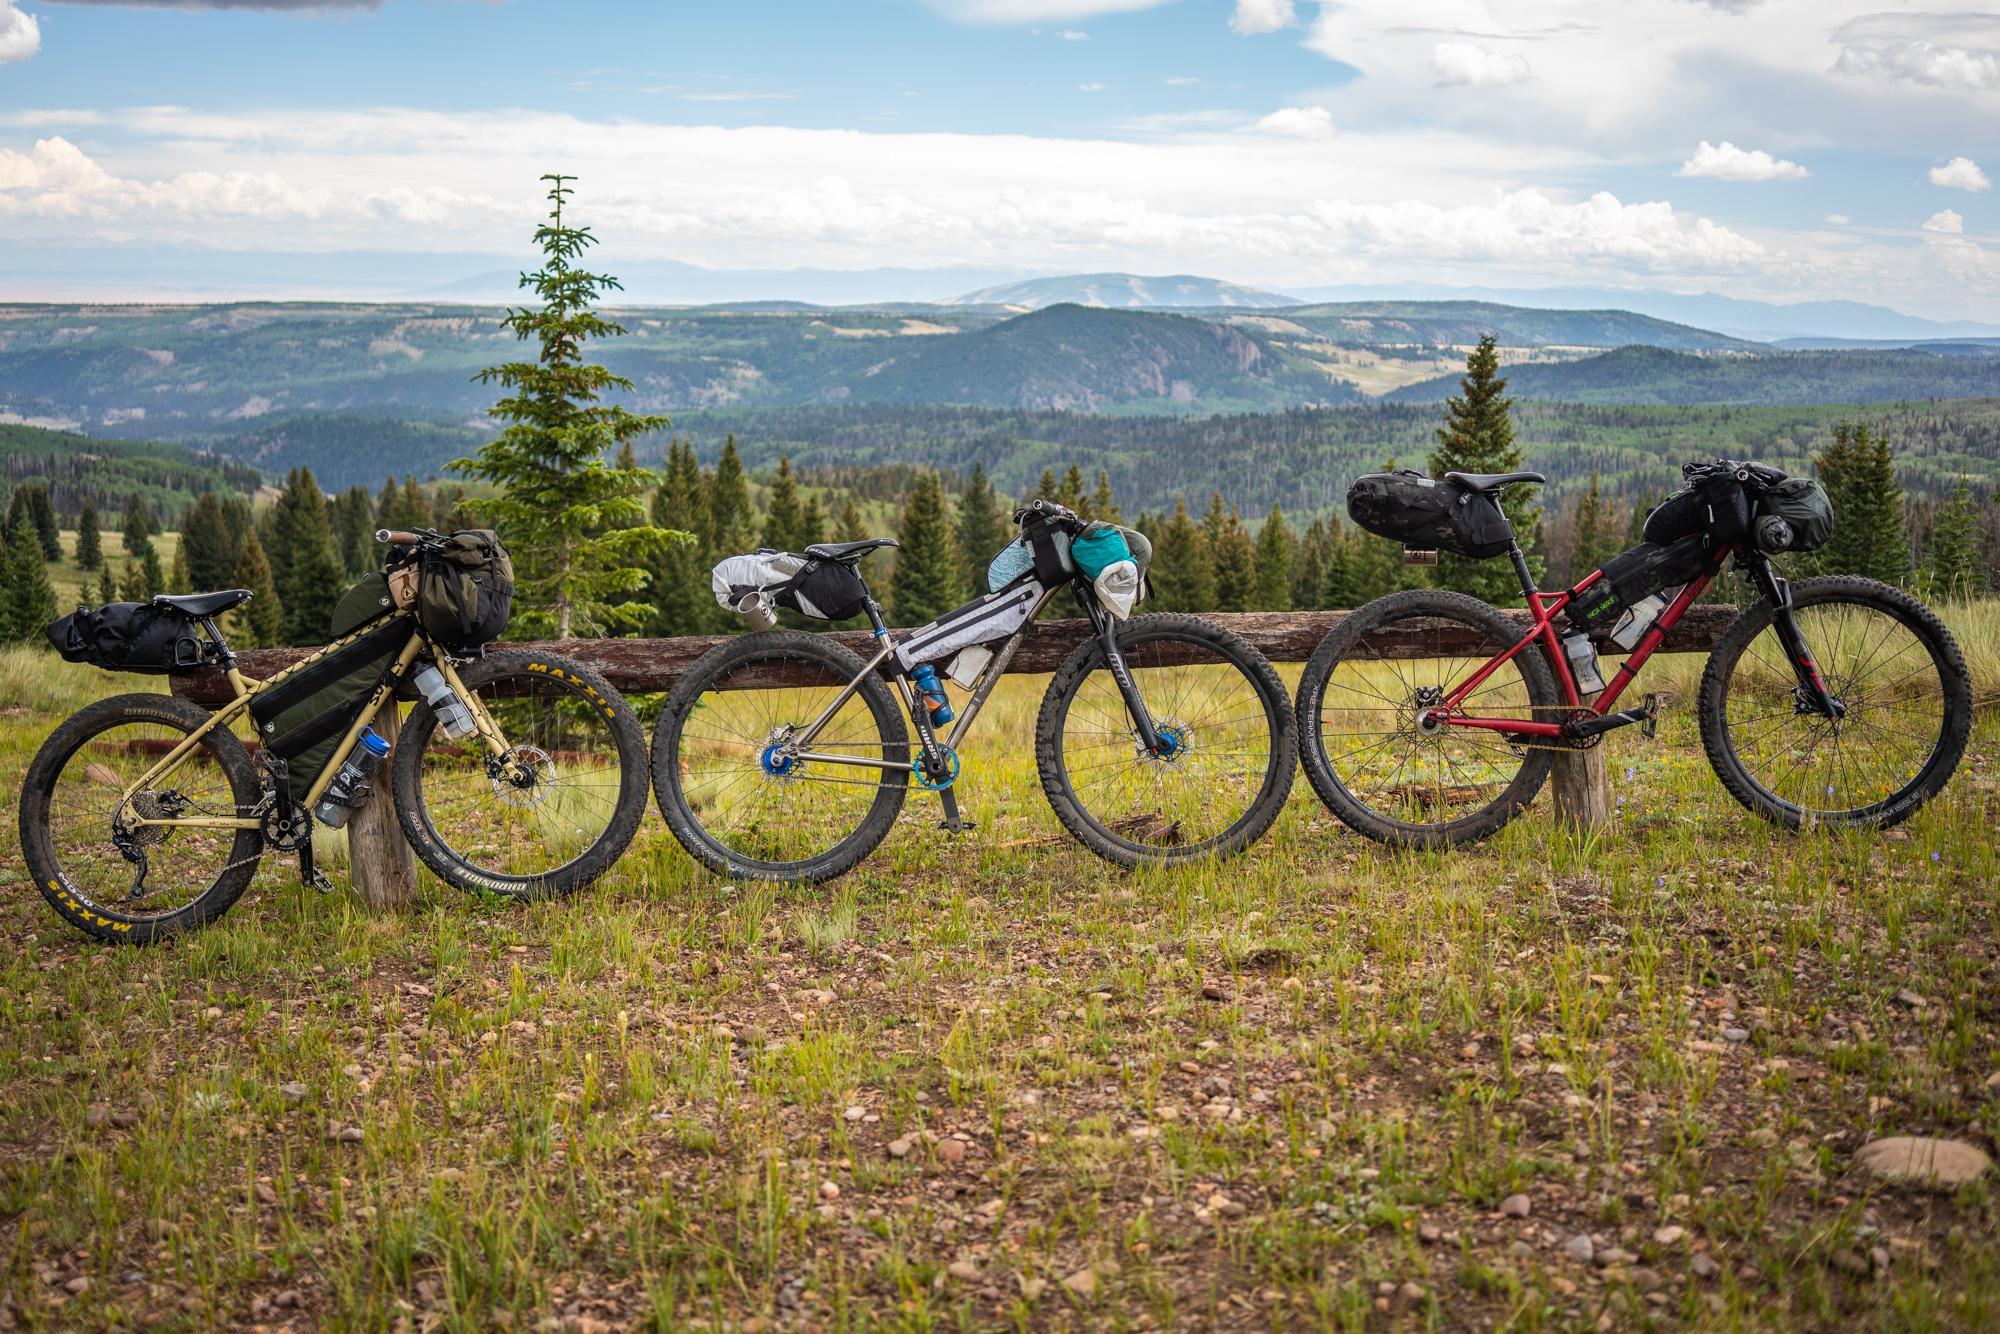 Bike bikes bikes